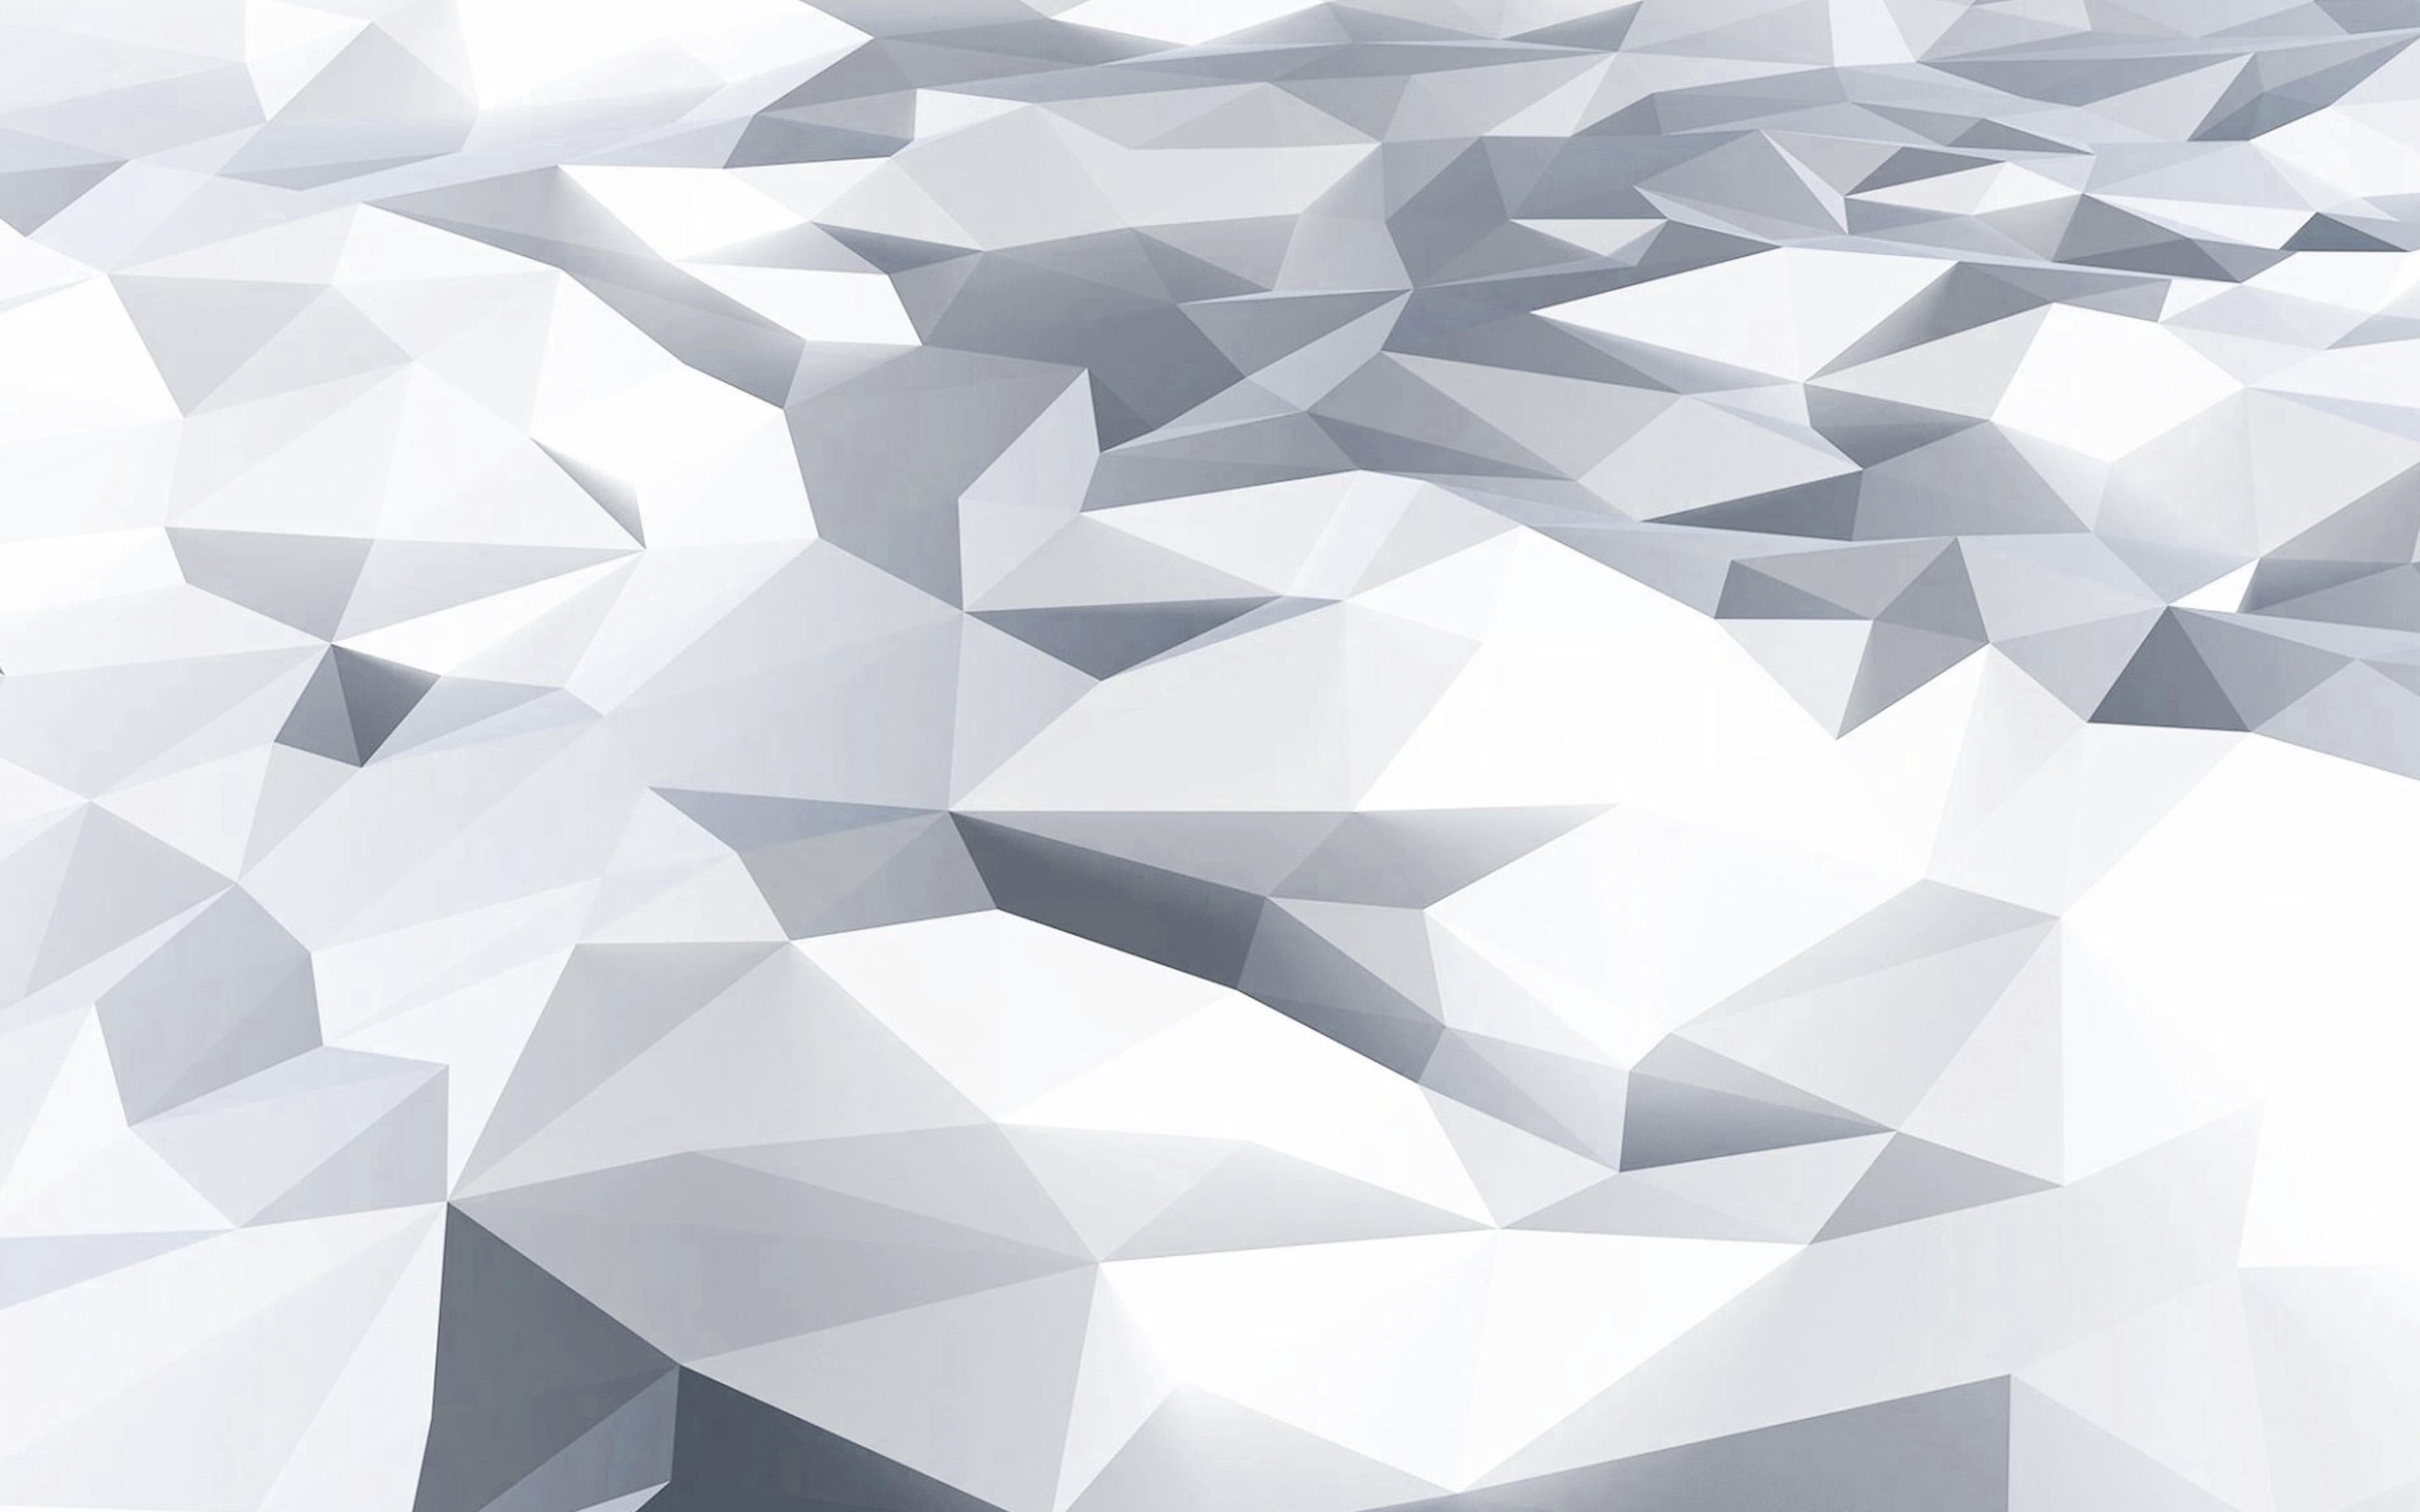 vj28lowpolyartwhitebluepatternwallpaper